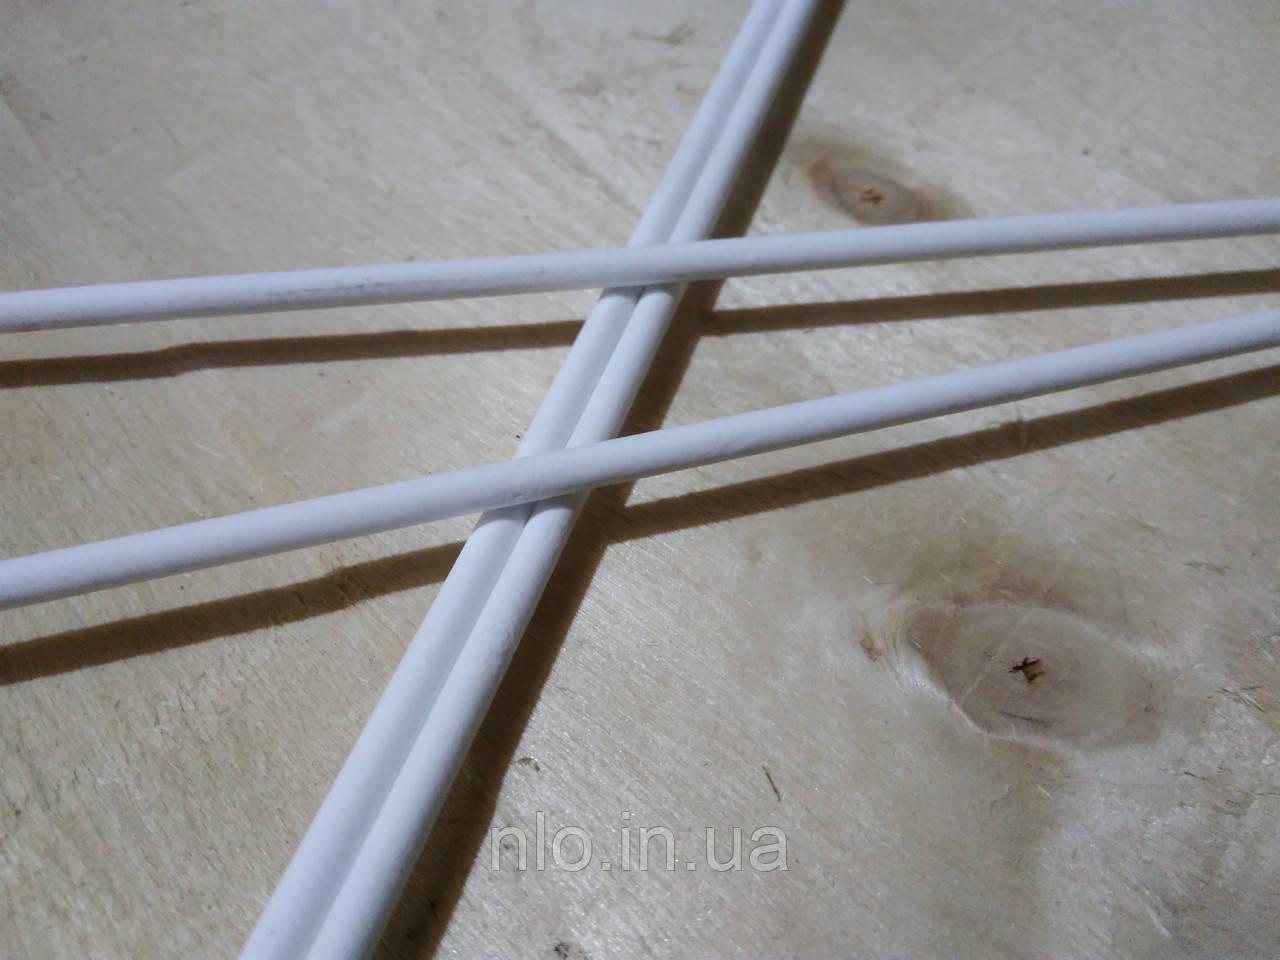 Припій серебросодержащий L-Ag40Sn з флюсом 4 мм 1 паличка